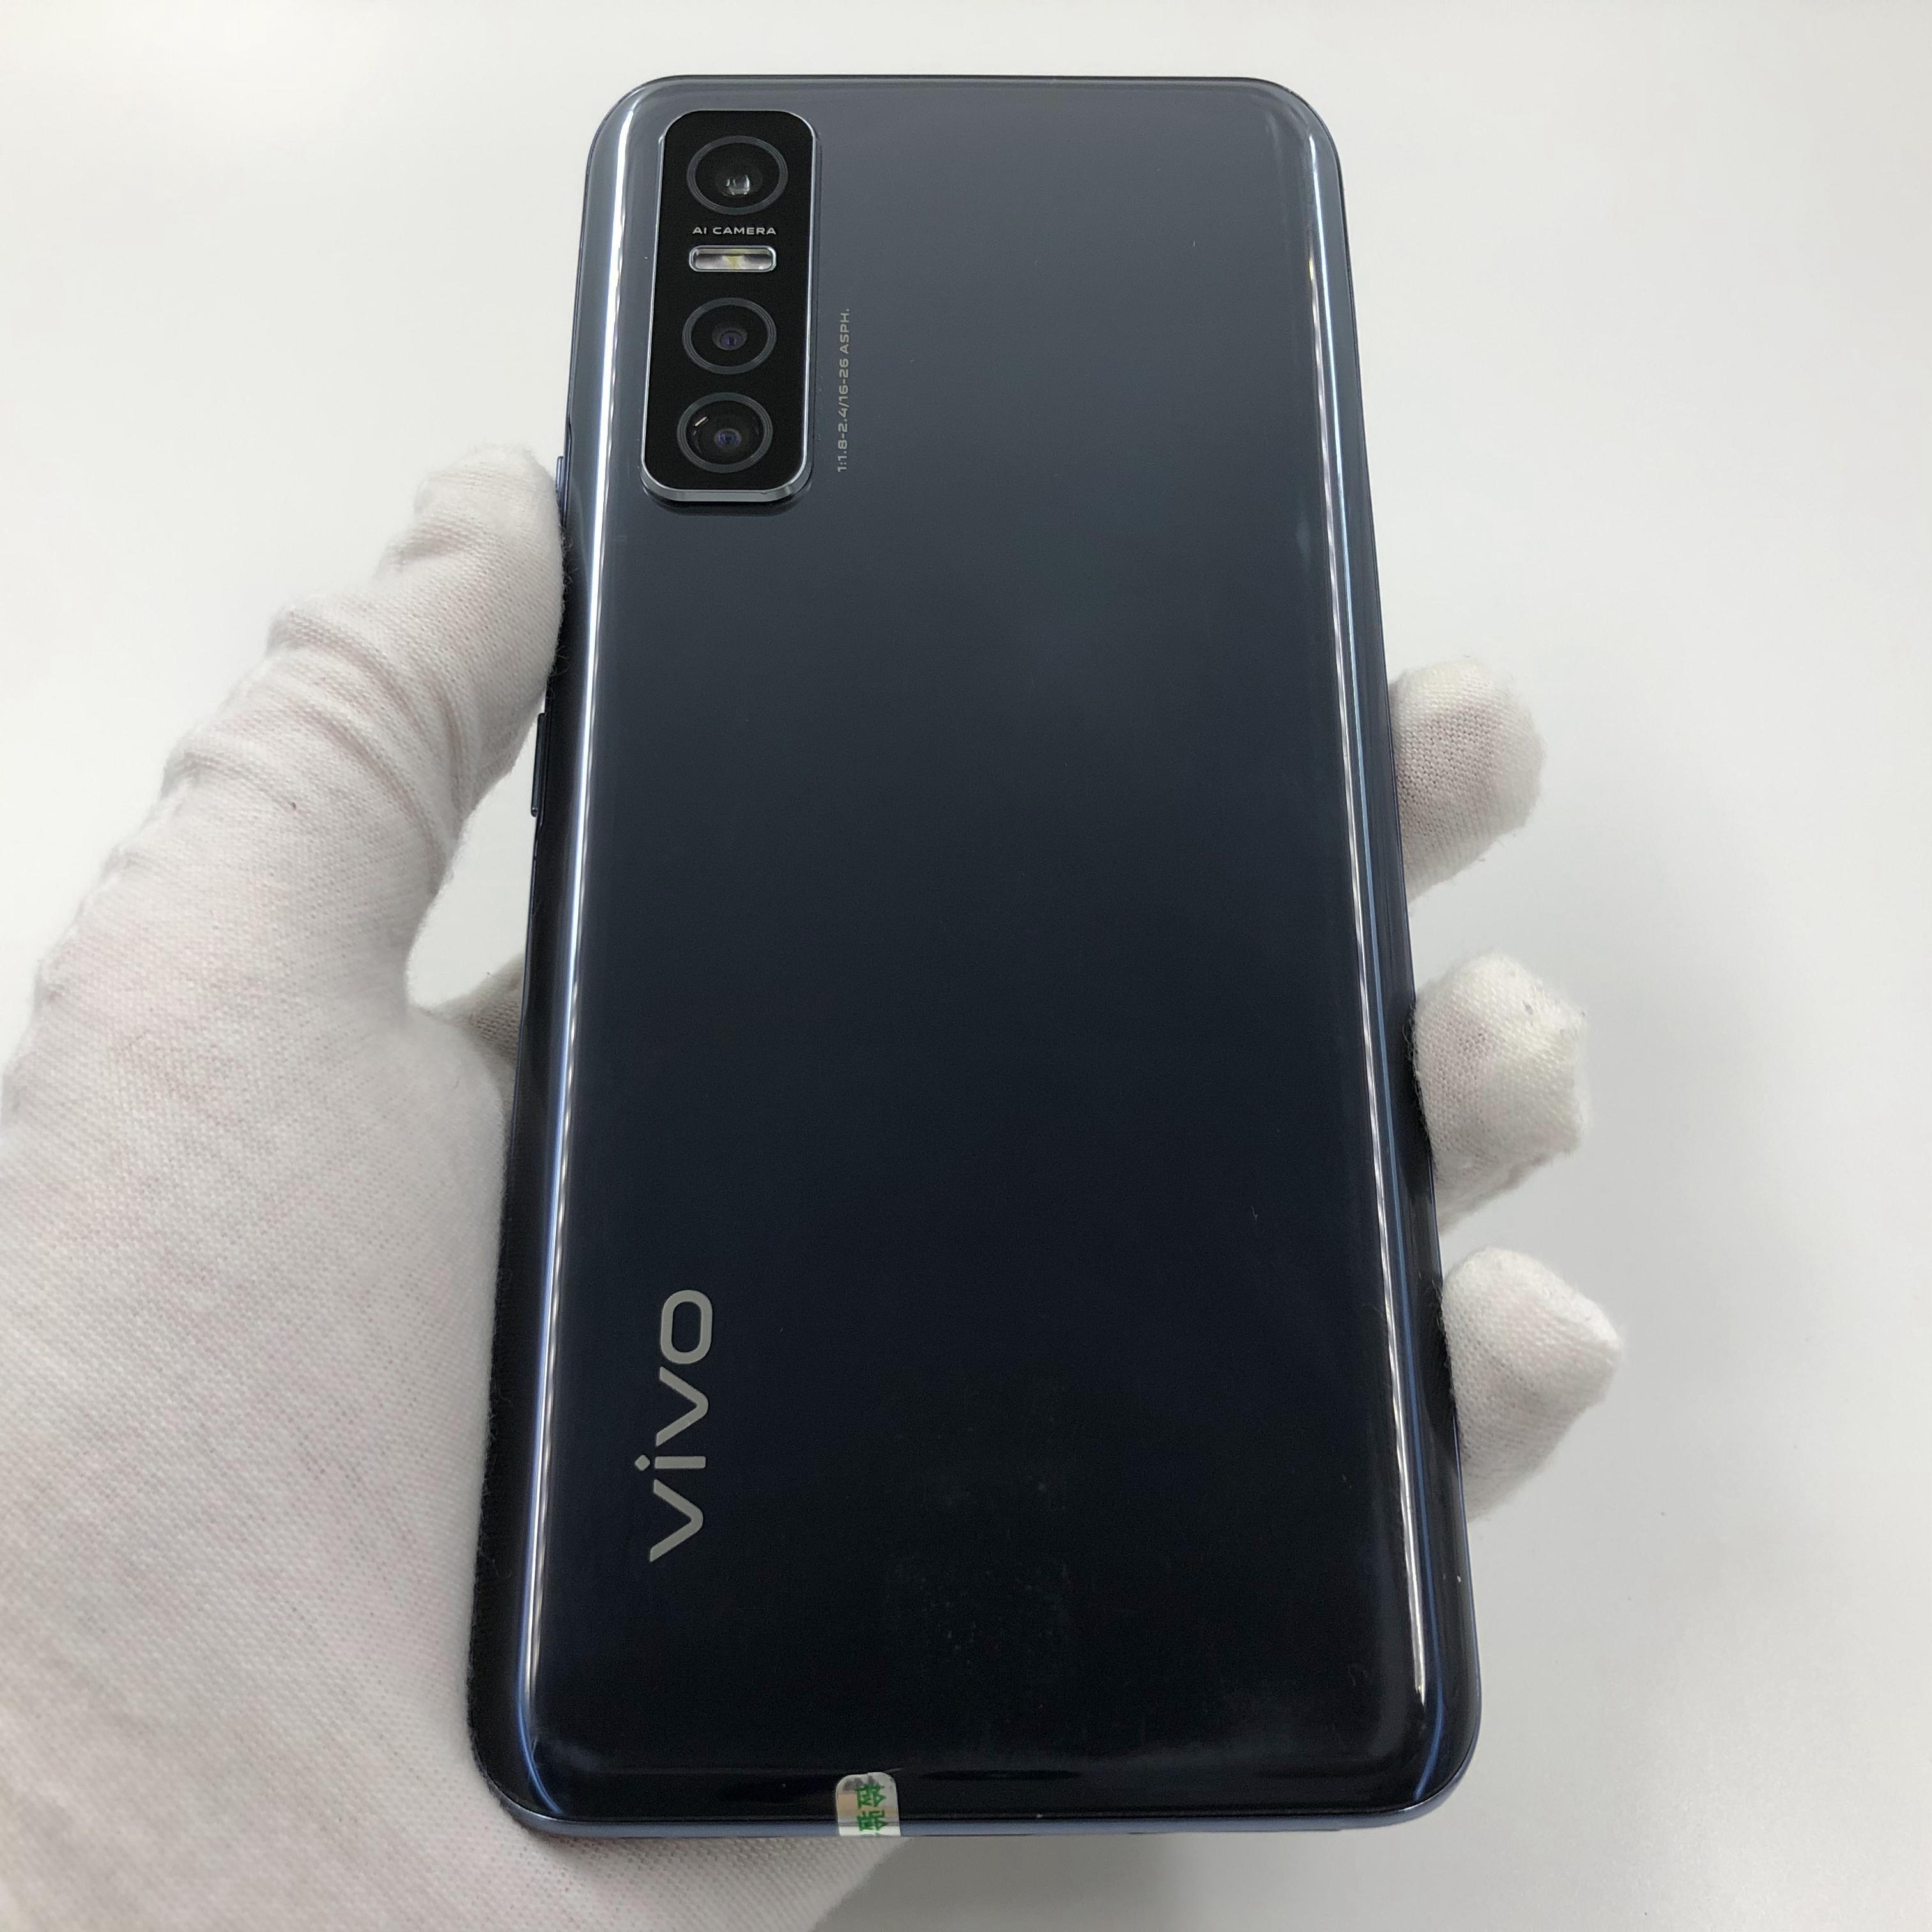 vivo【Y73s】5G全网通 黑镜 8G/128G 国行 95新 真机实拍原包装盒+配件